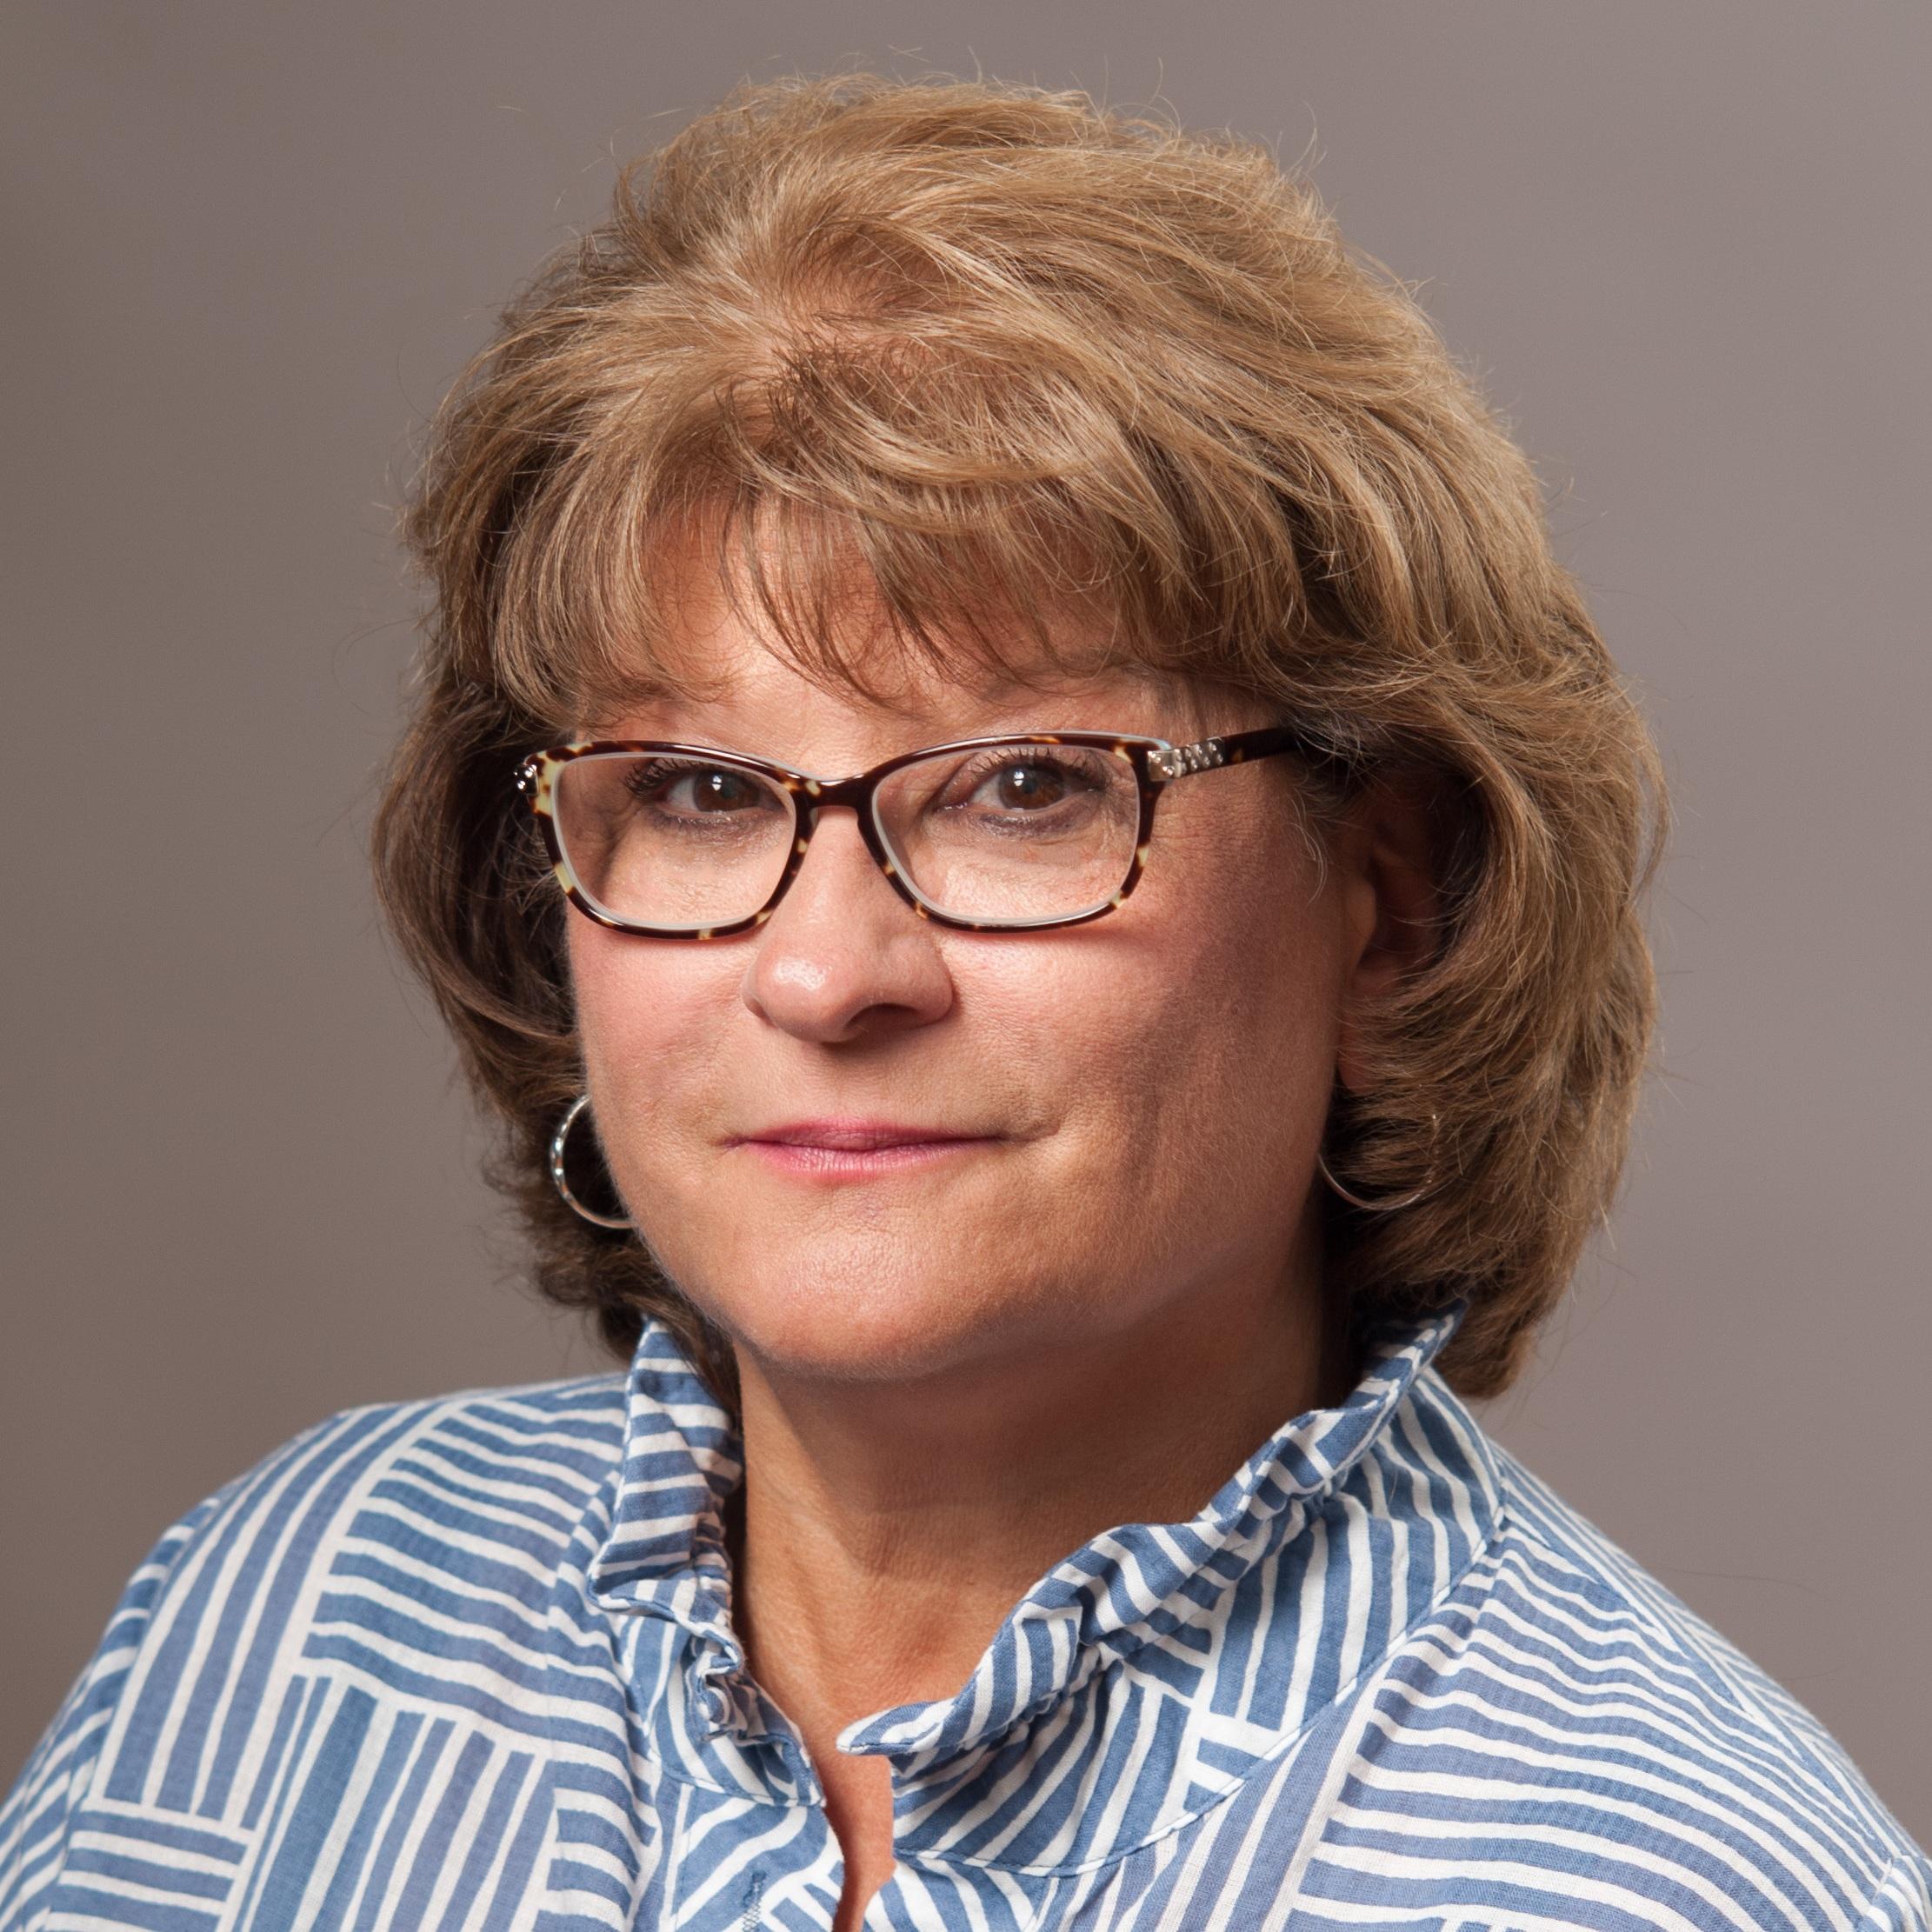 Cathy Dalrymple - Culpeper, VA